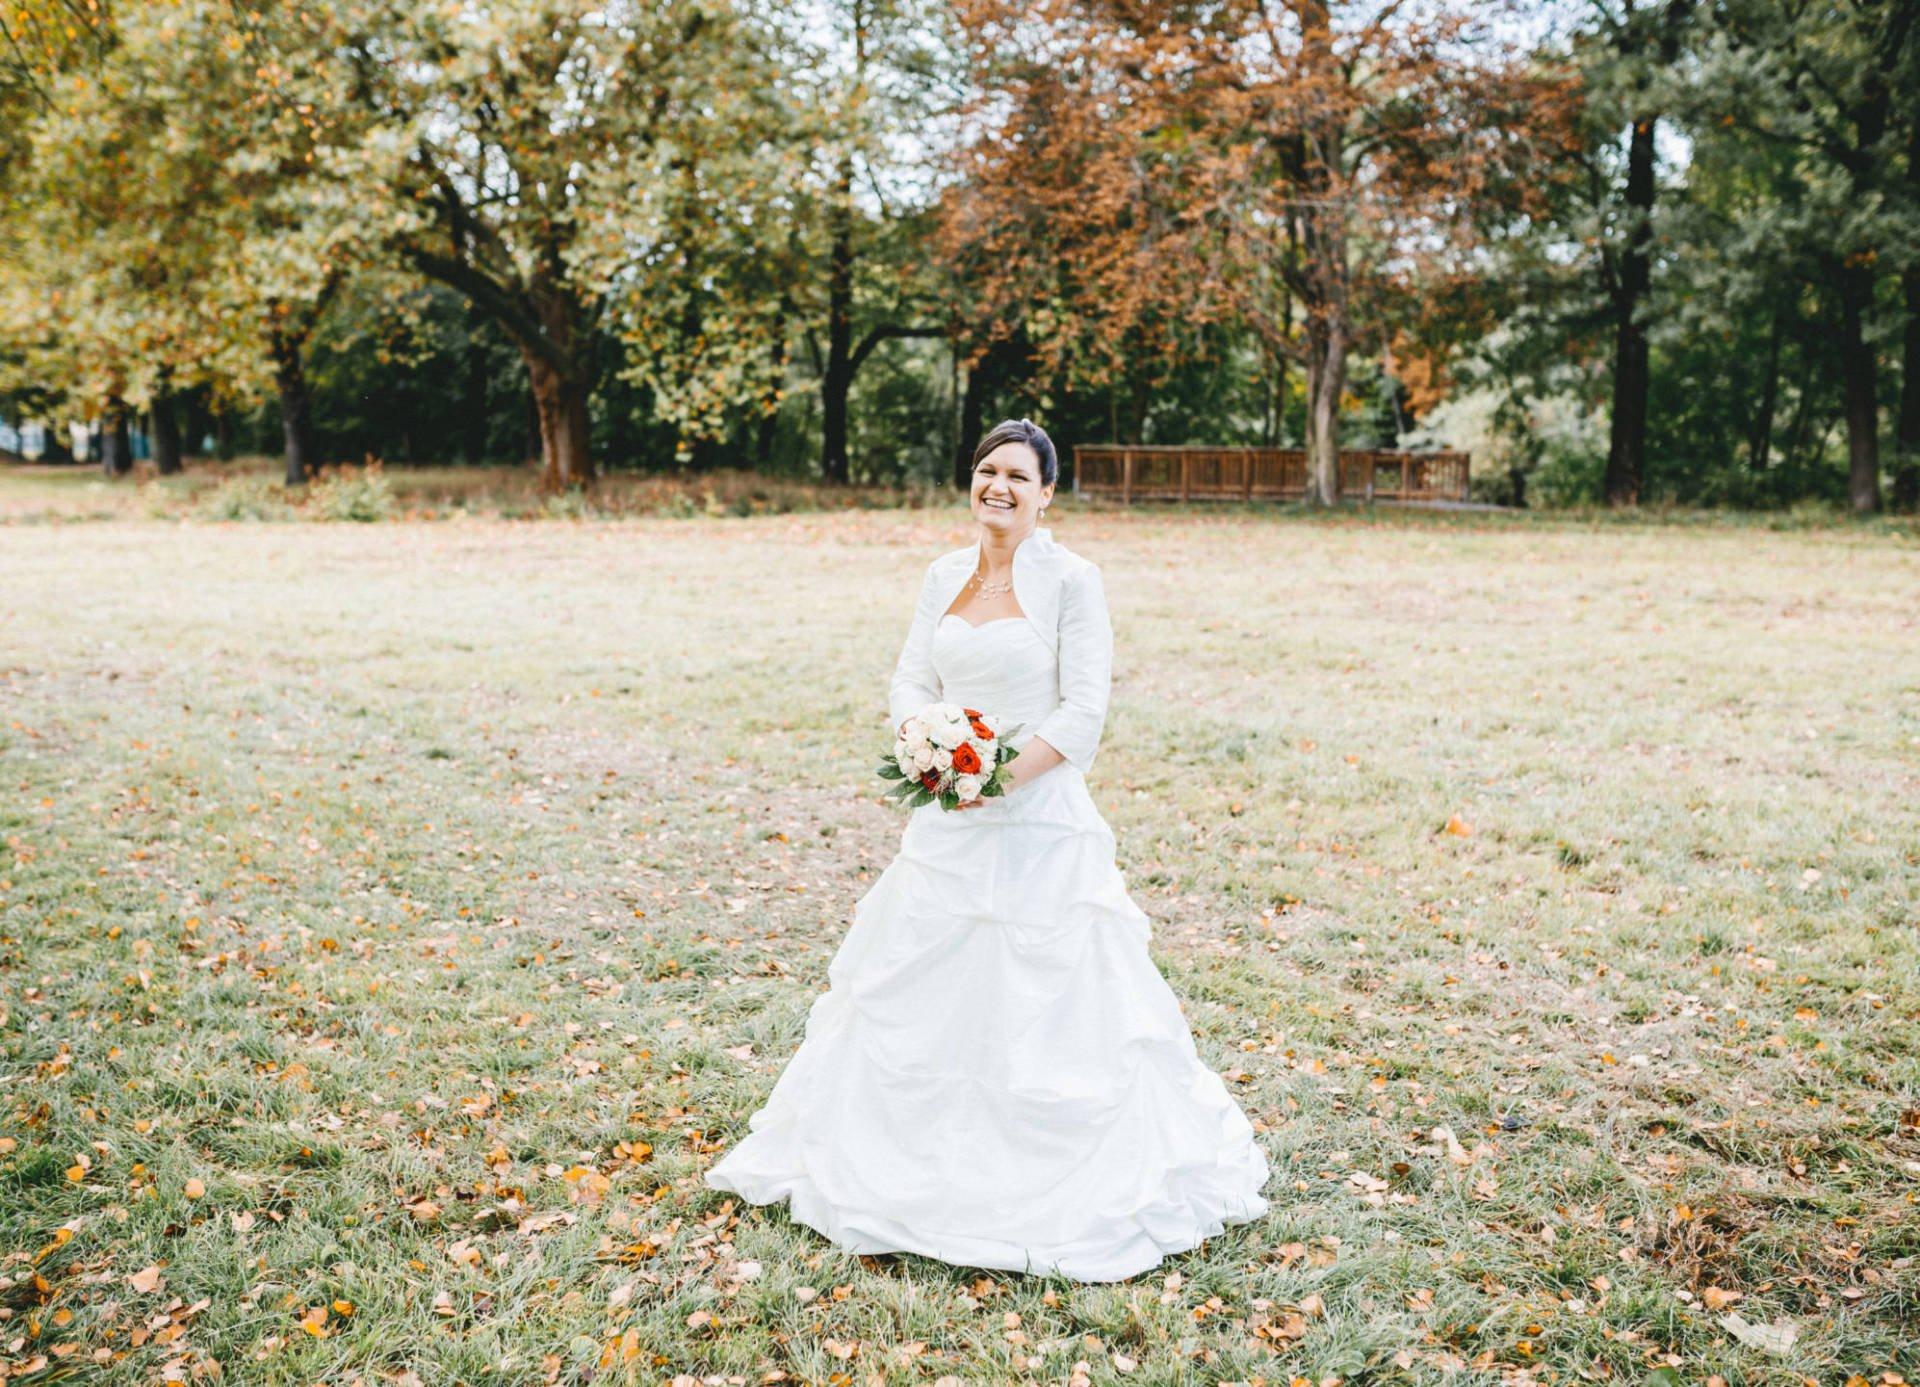 Hochzeitsreportage | Hochzeit im Paradies Jena | 19